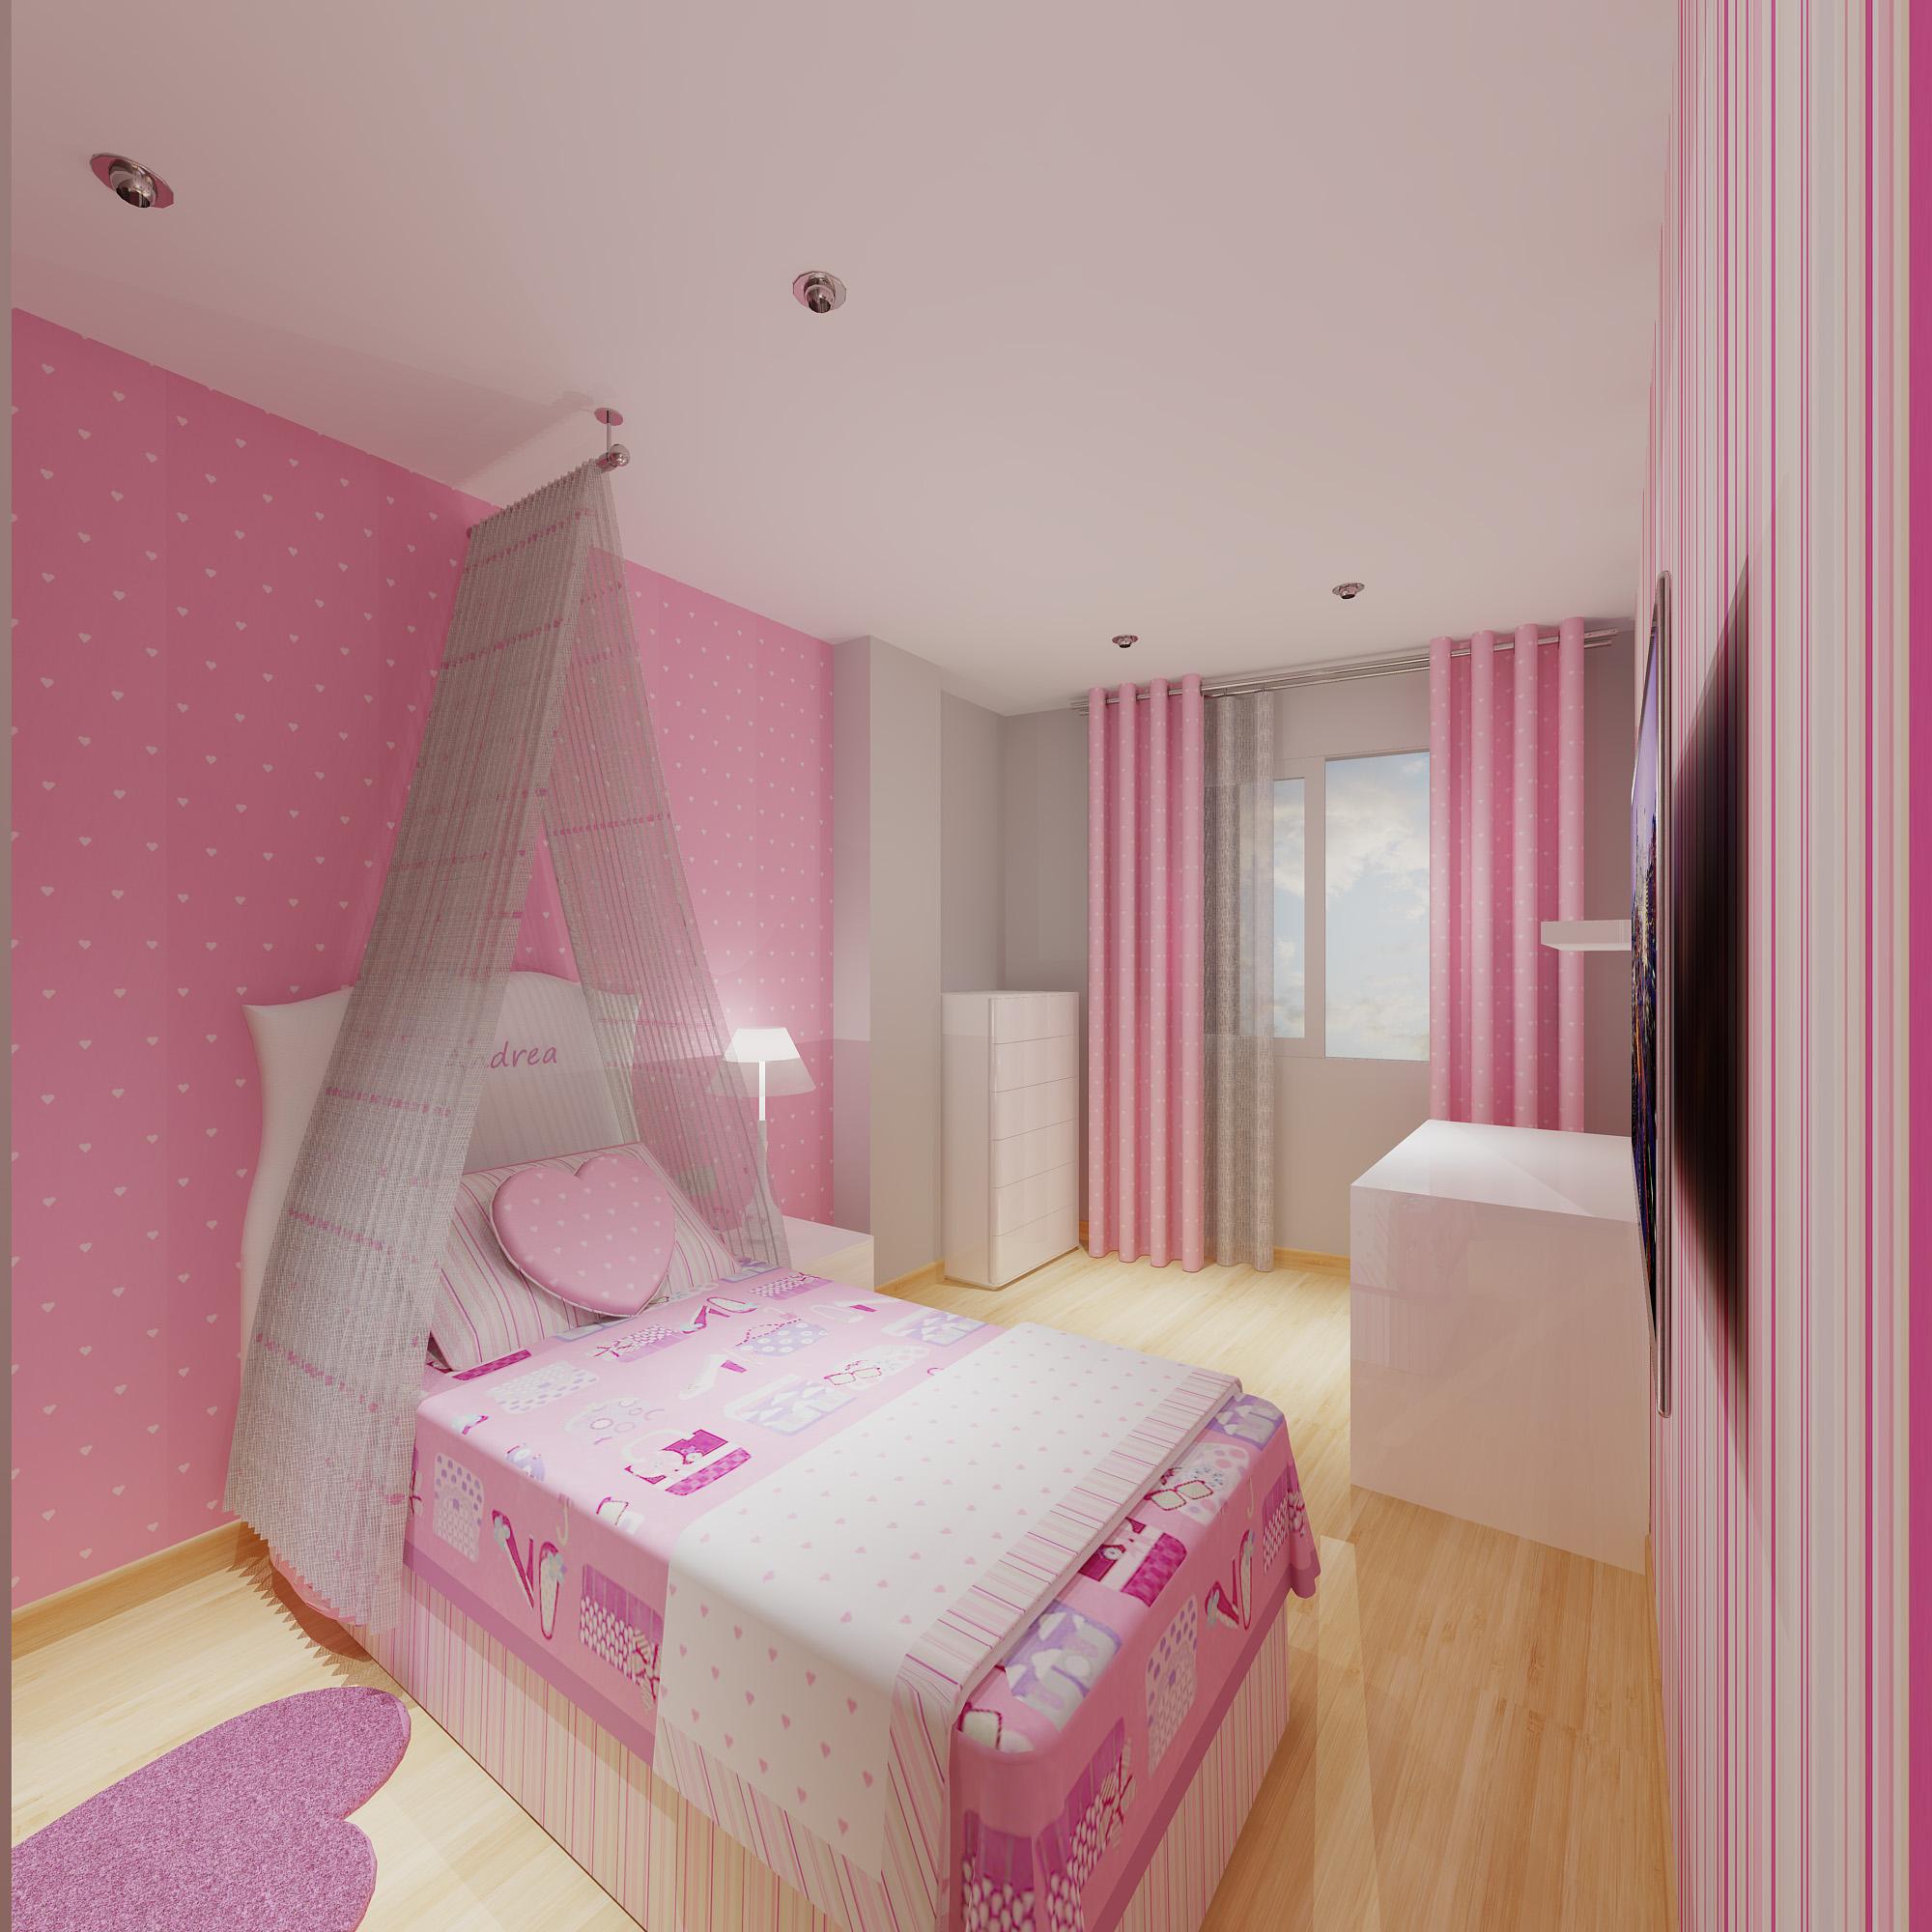 Un proyecto de habitaci n de ni as muy rom ntico - Ver habitaciones infantiles ...